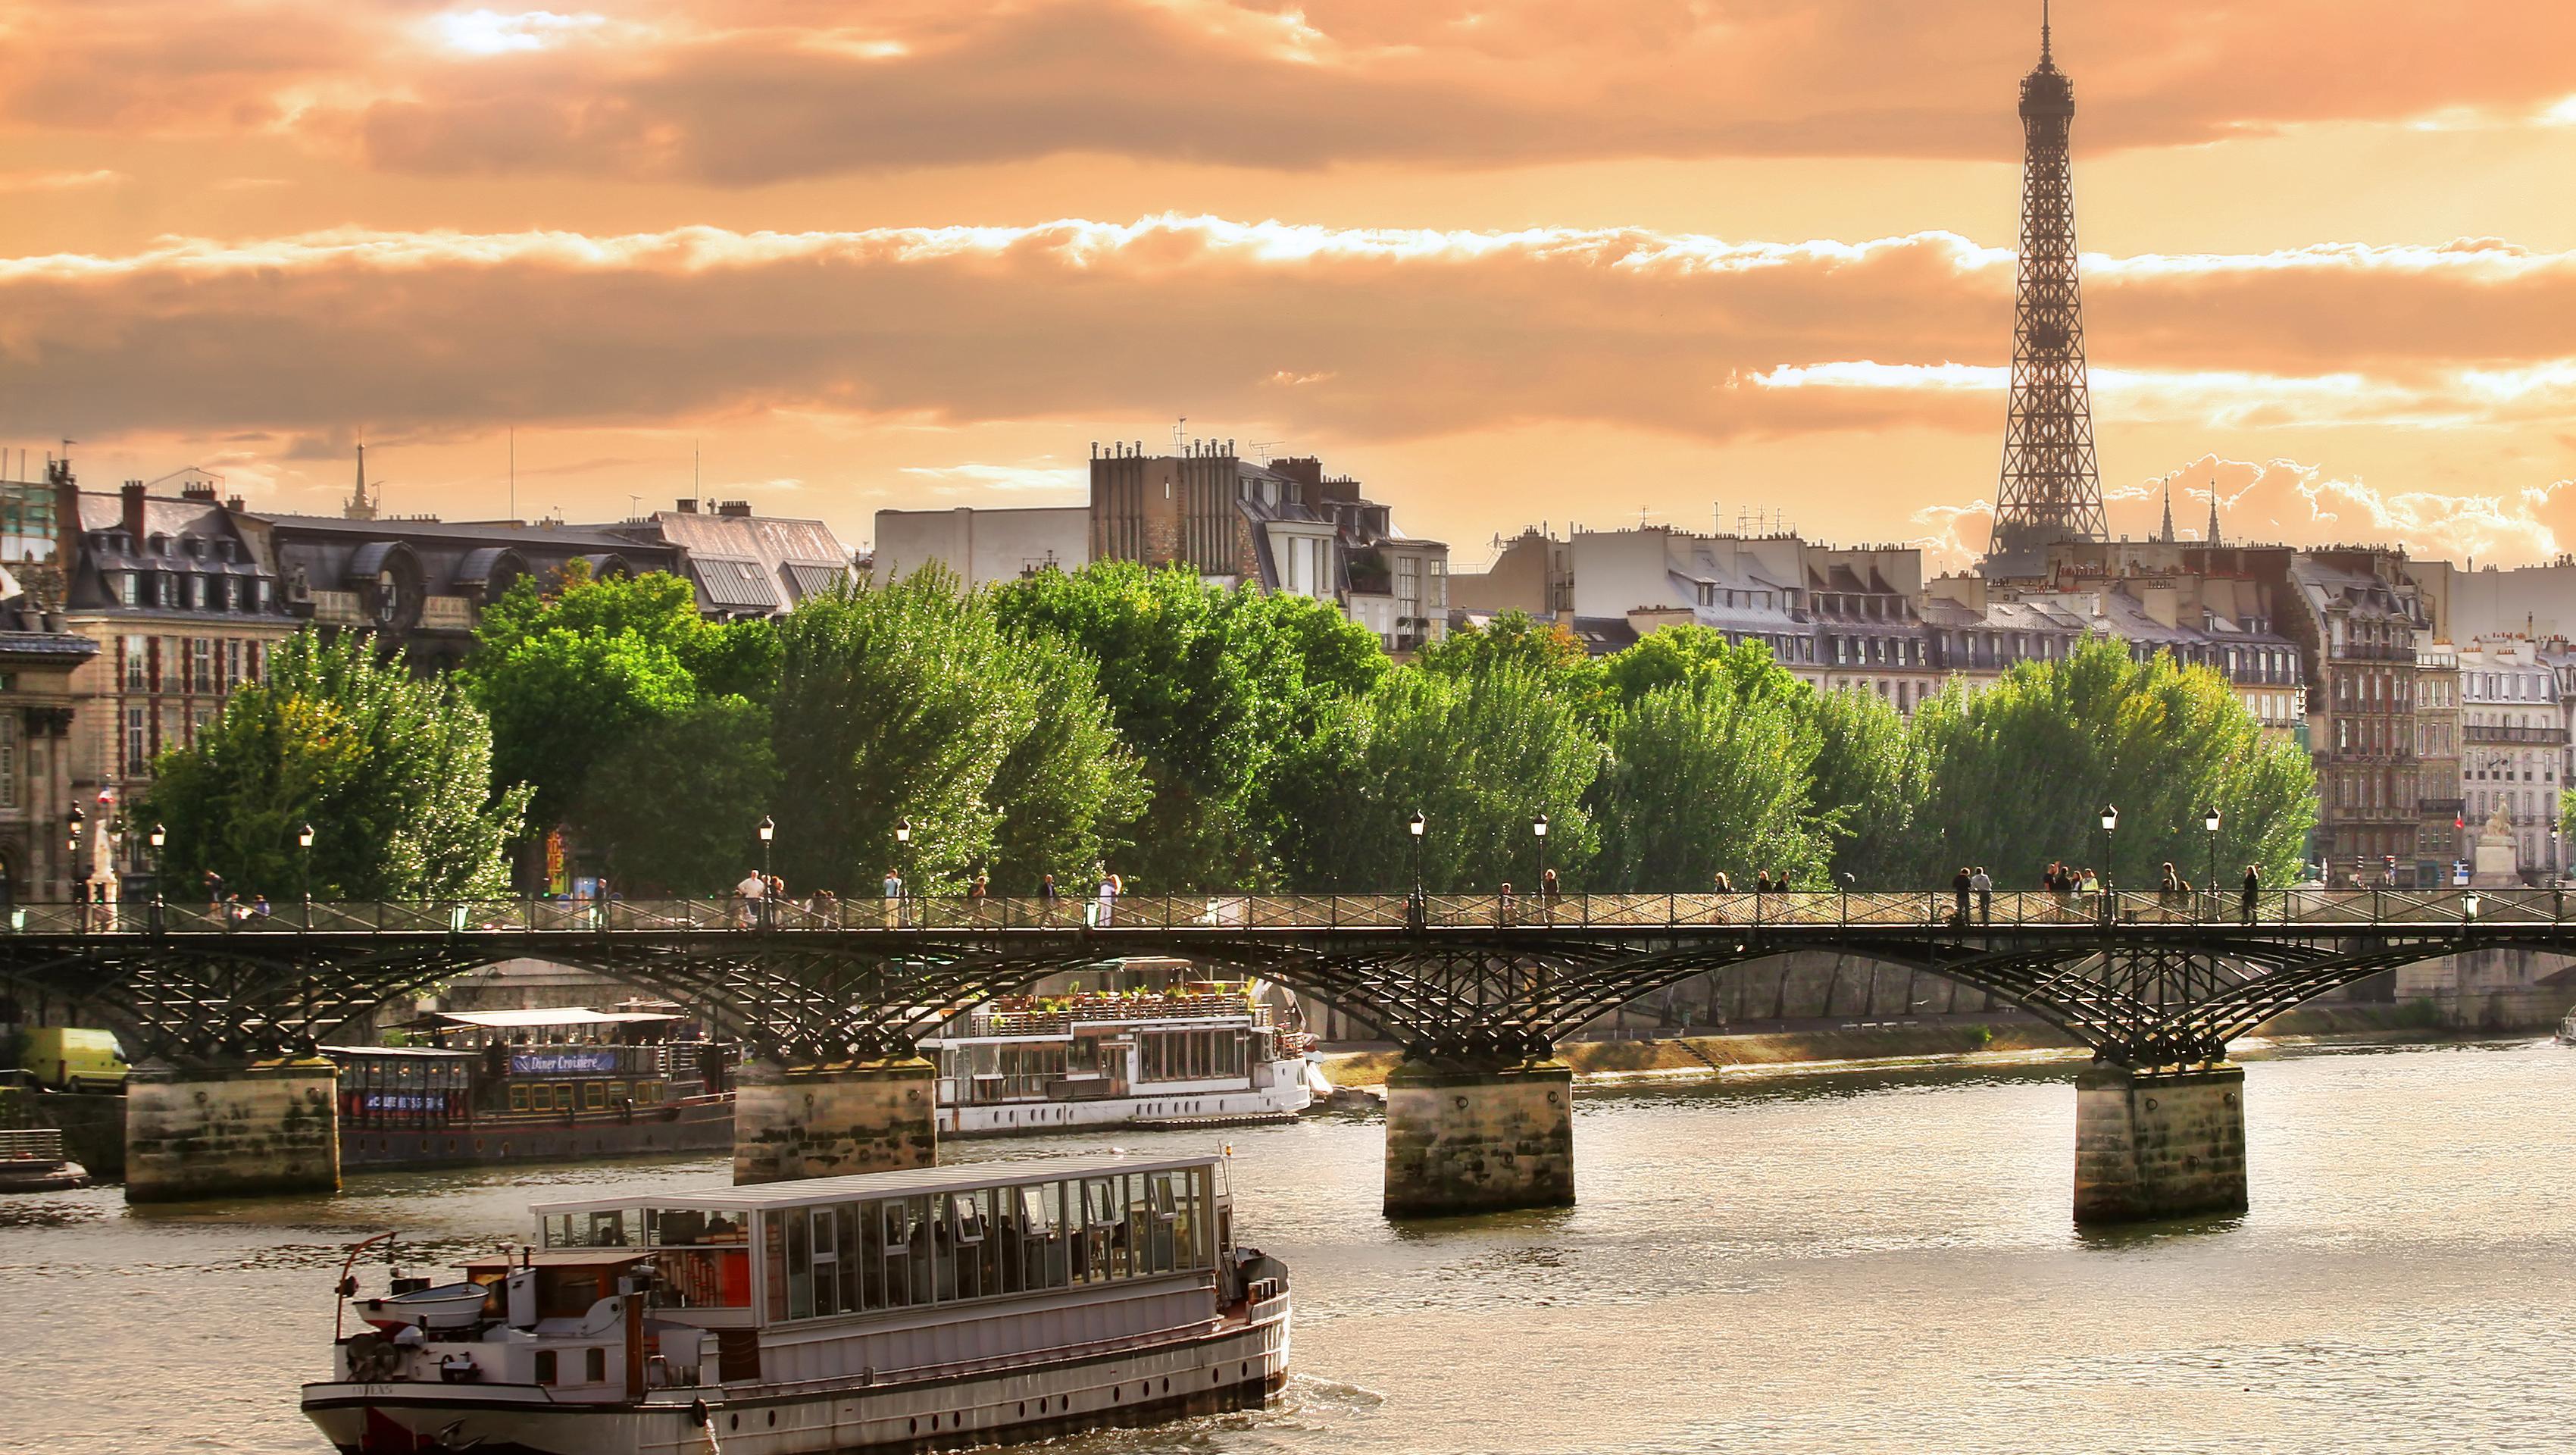 Ver la ciudad,City tours,Visitas en autobús,Bus tours,Crucero por el Sena